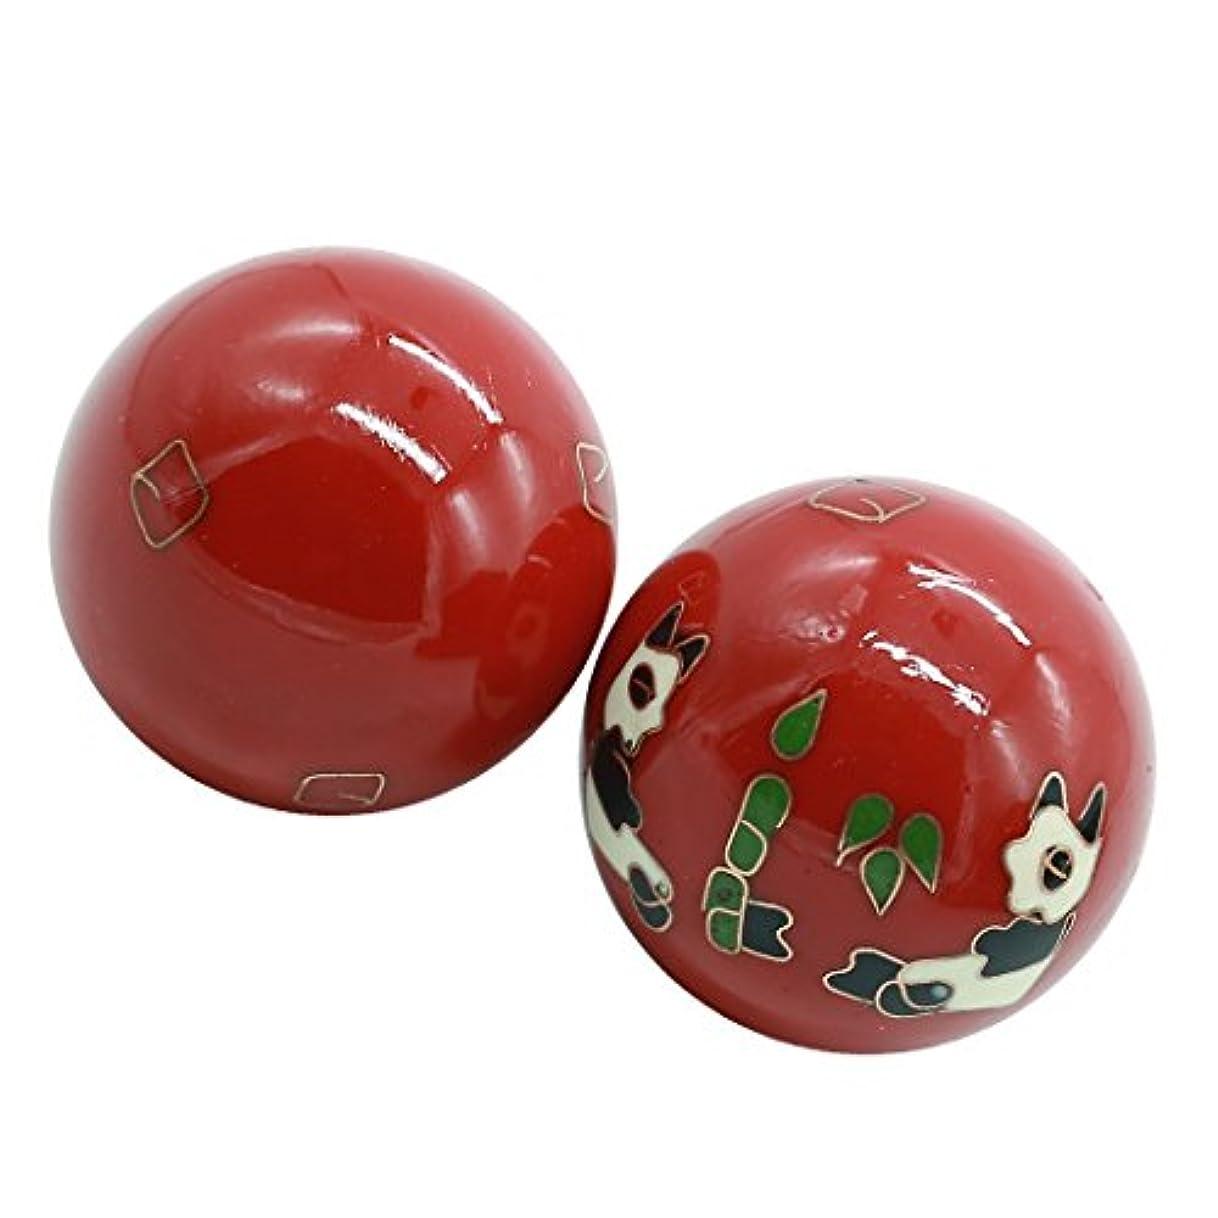 死傷者手伝う従来の風水グッズ 健康球 健身球 脳 活性 ストレス トレーニング器具 手の機能回復 2個 パンダ (赤い, 50mm) INB169